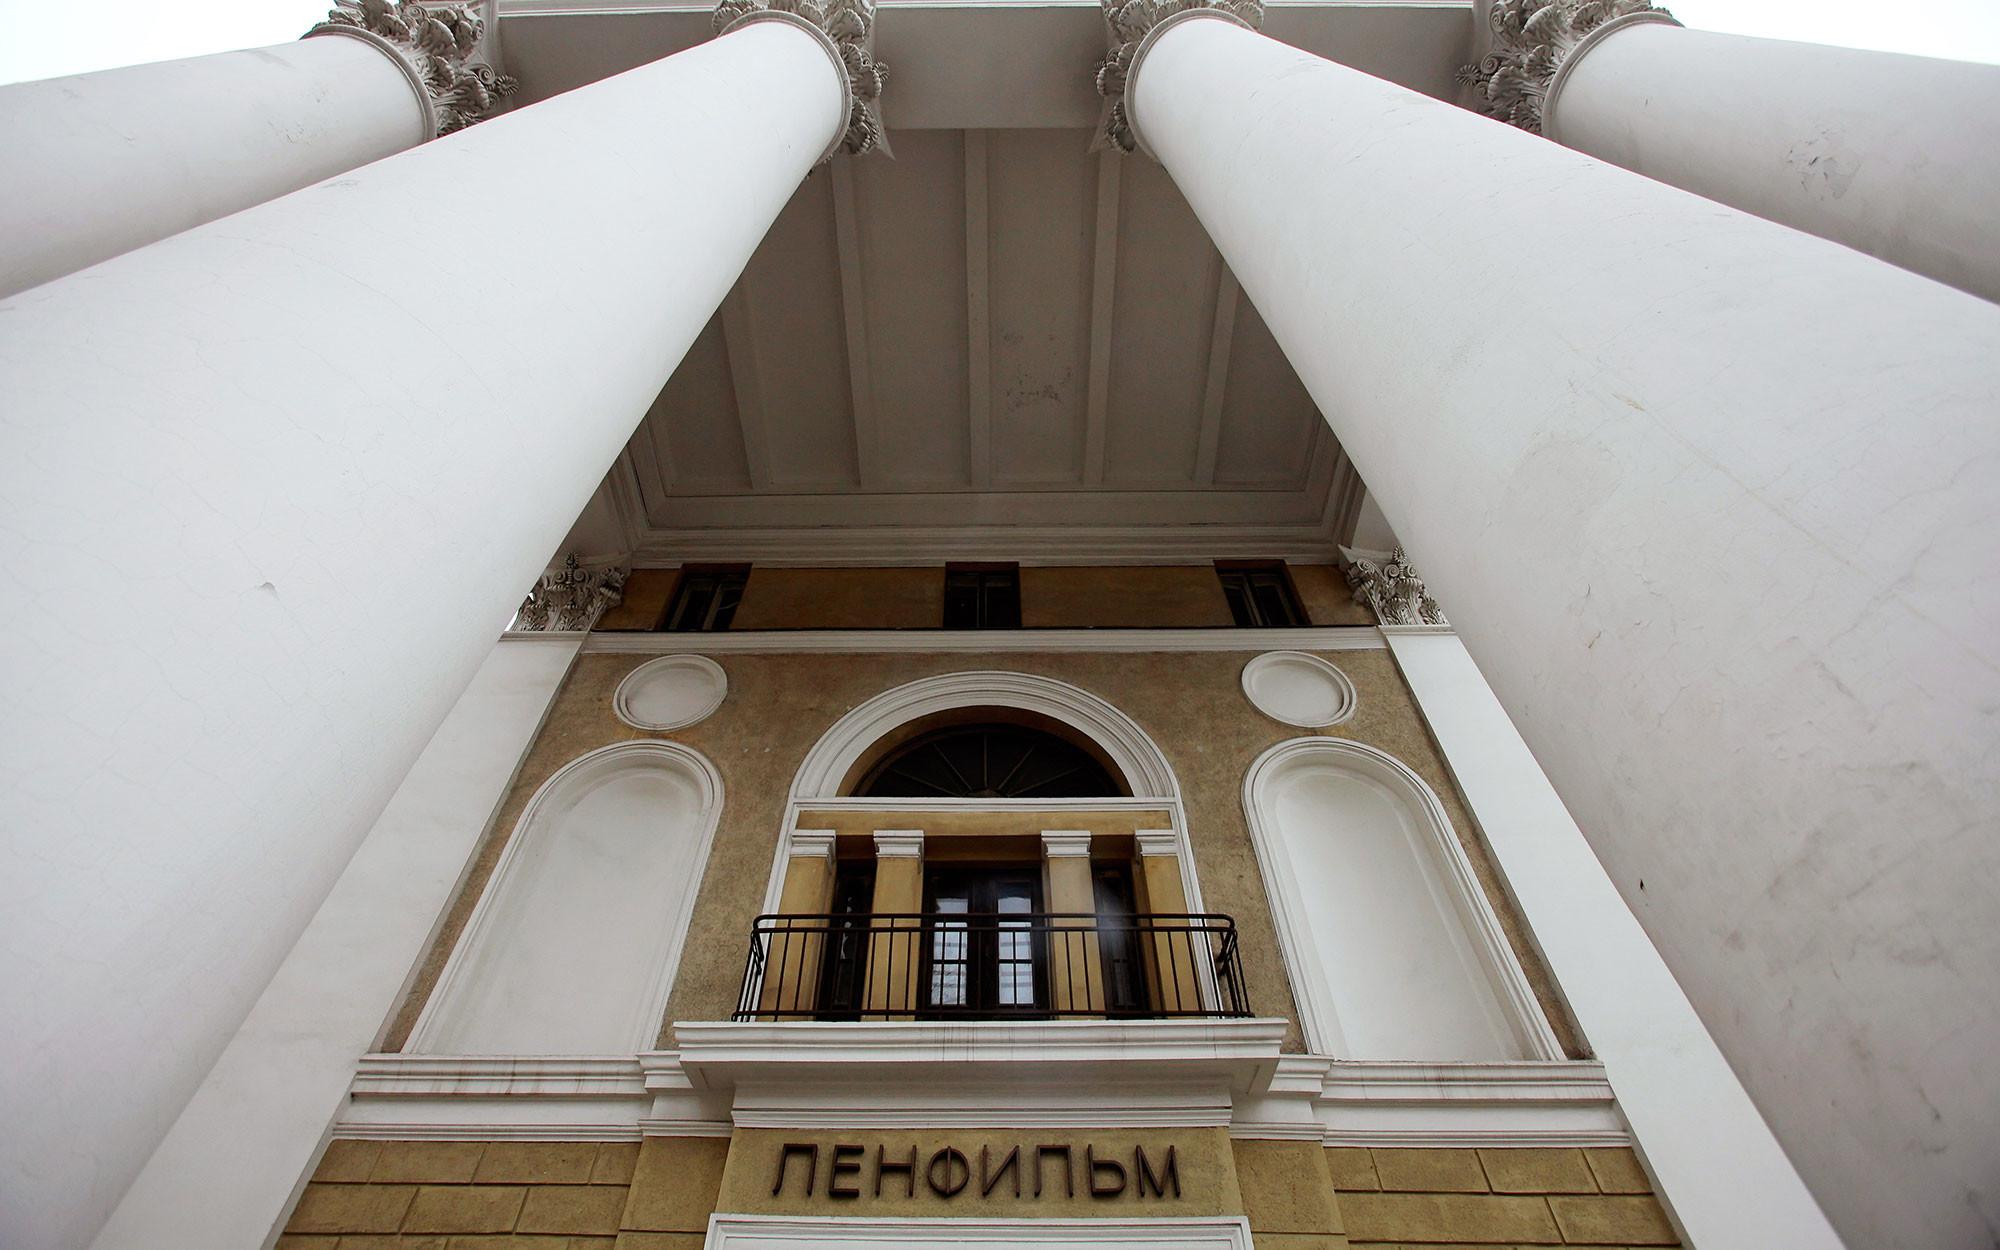 """Фасад здания киностудии """"Ленфильм"""" в Санкт-Петербурге. Фото: © РИА Новости / Алексей Даничев"""